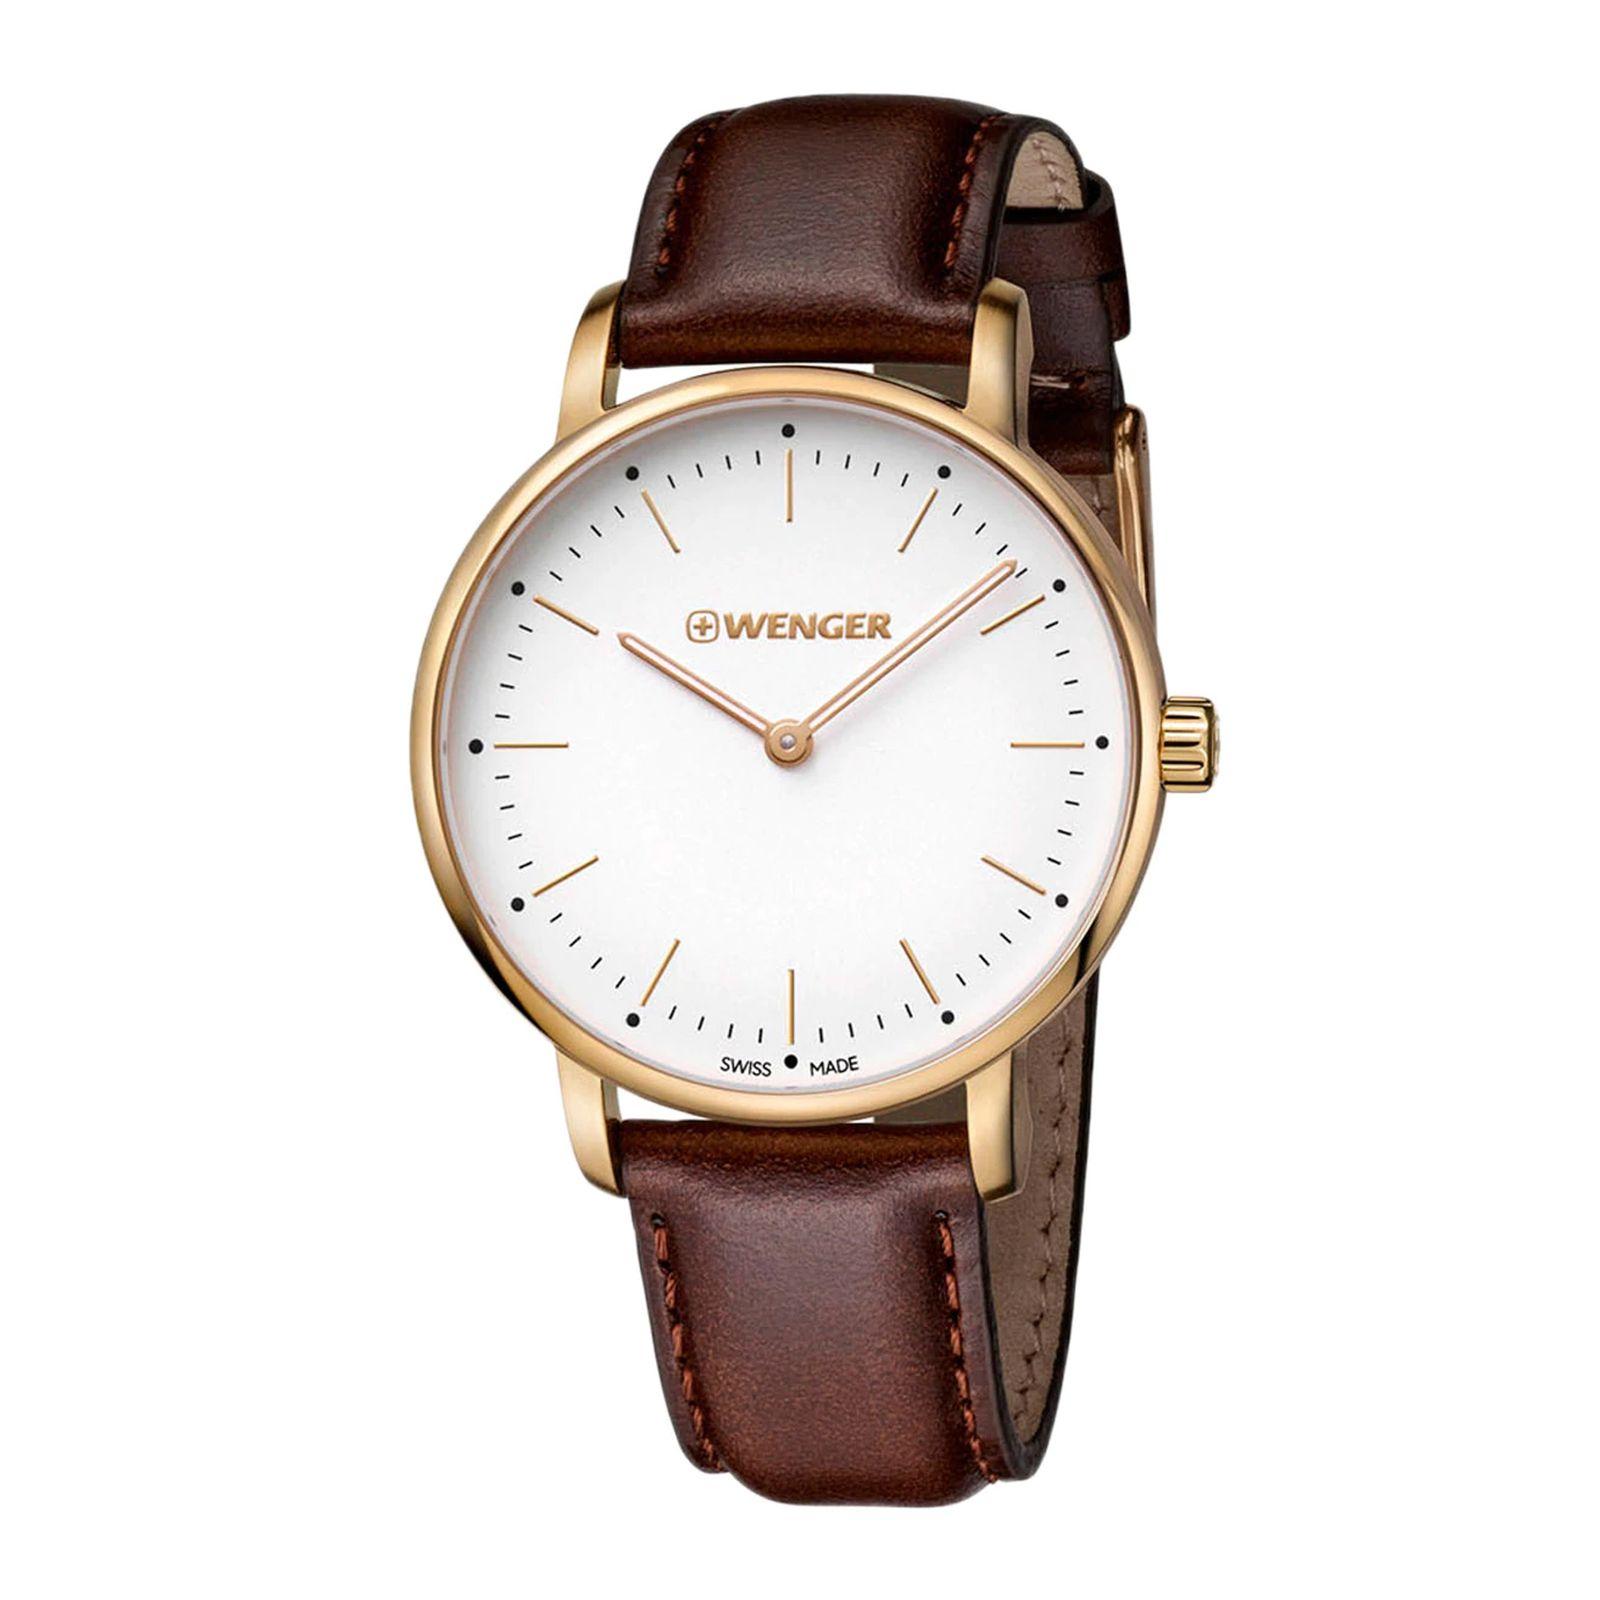 ساعت مچی عقربه ای مردانه ونگر مدل 01.1721.112 -  - 3